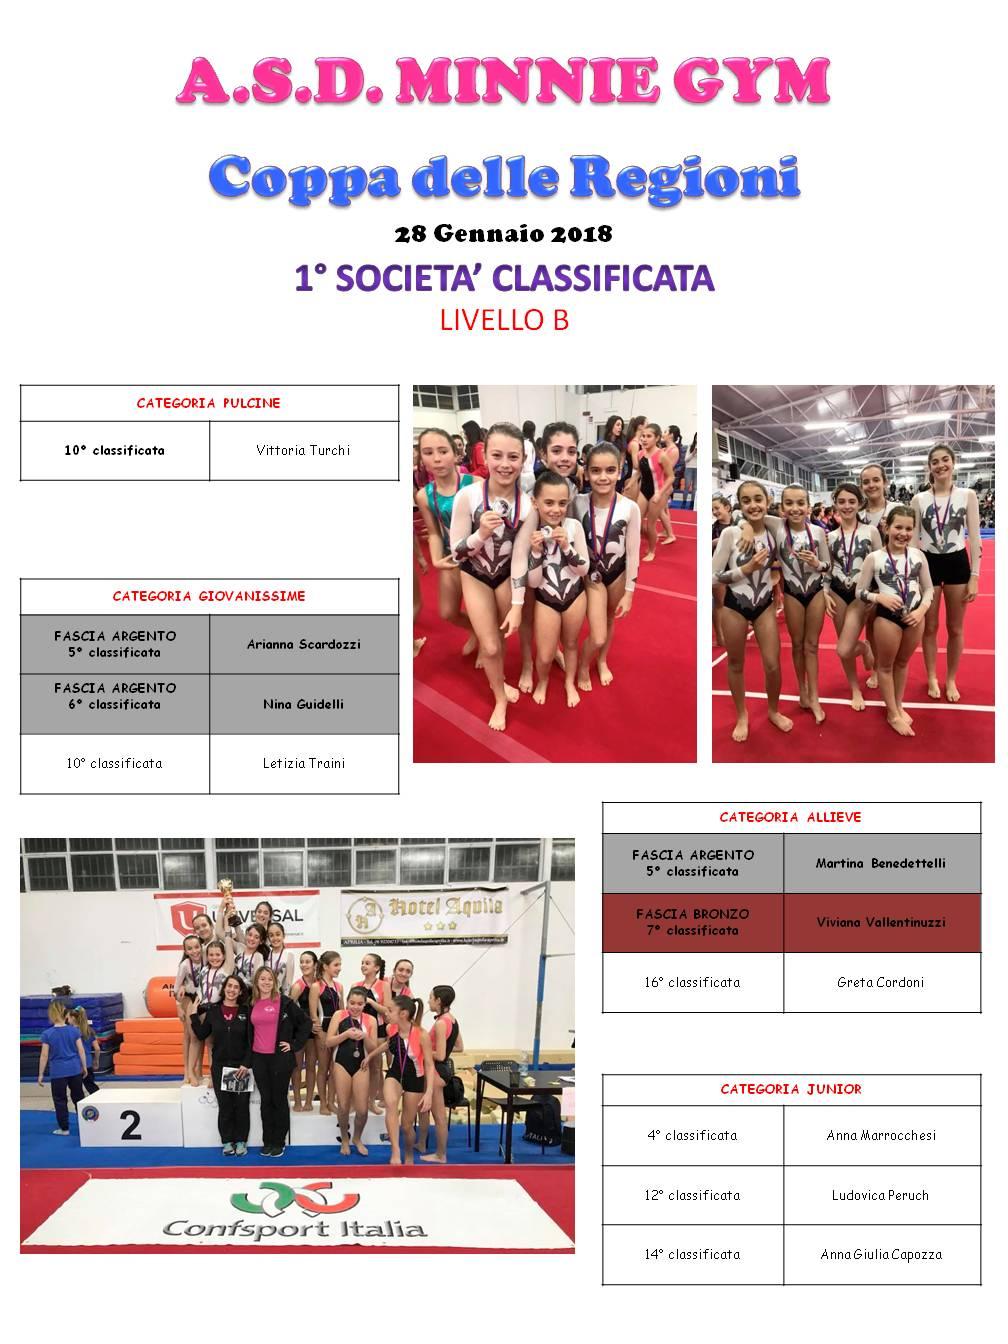 Cartellone Coppa delle Regioni Livello B Minnie Gym